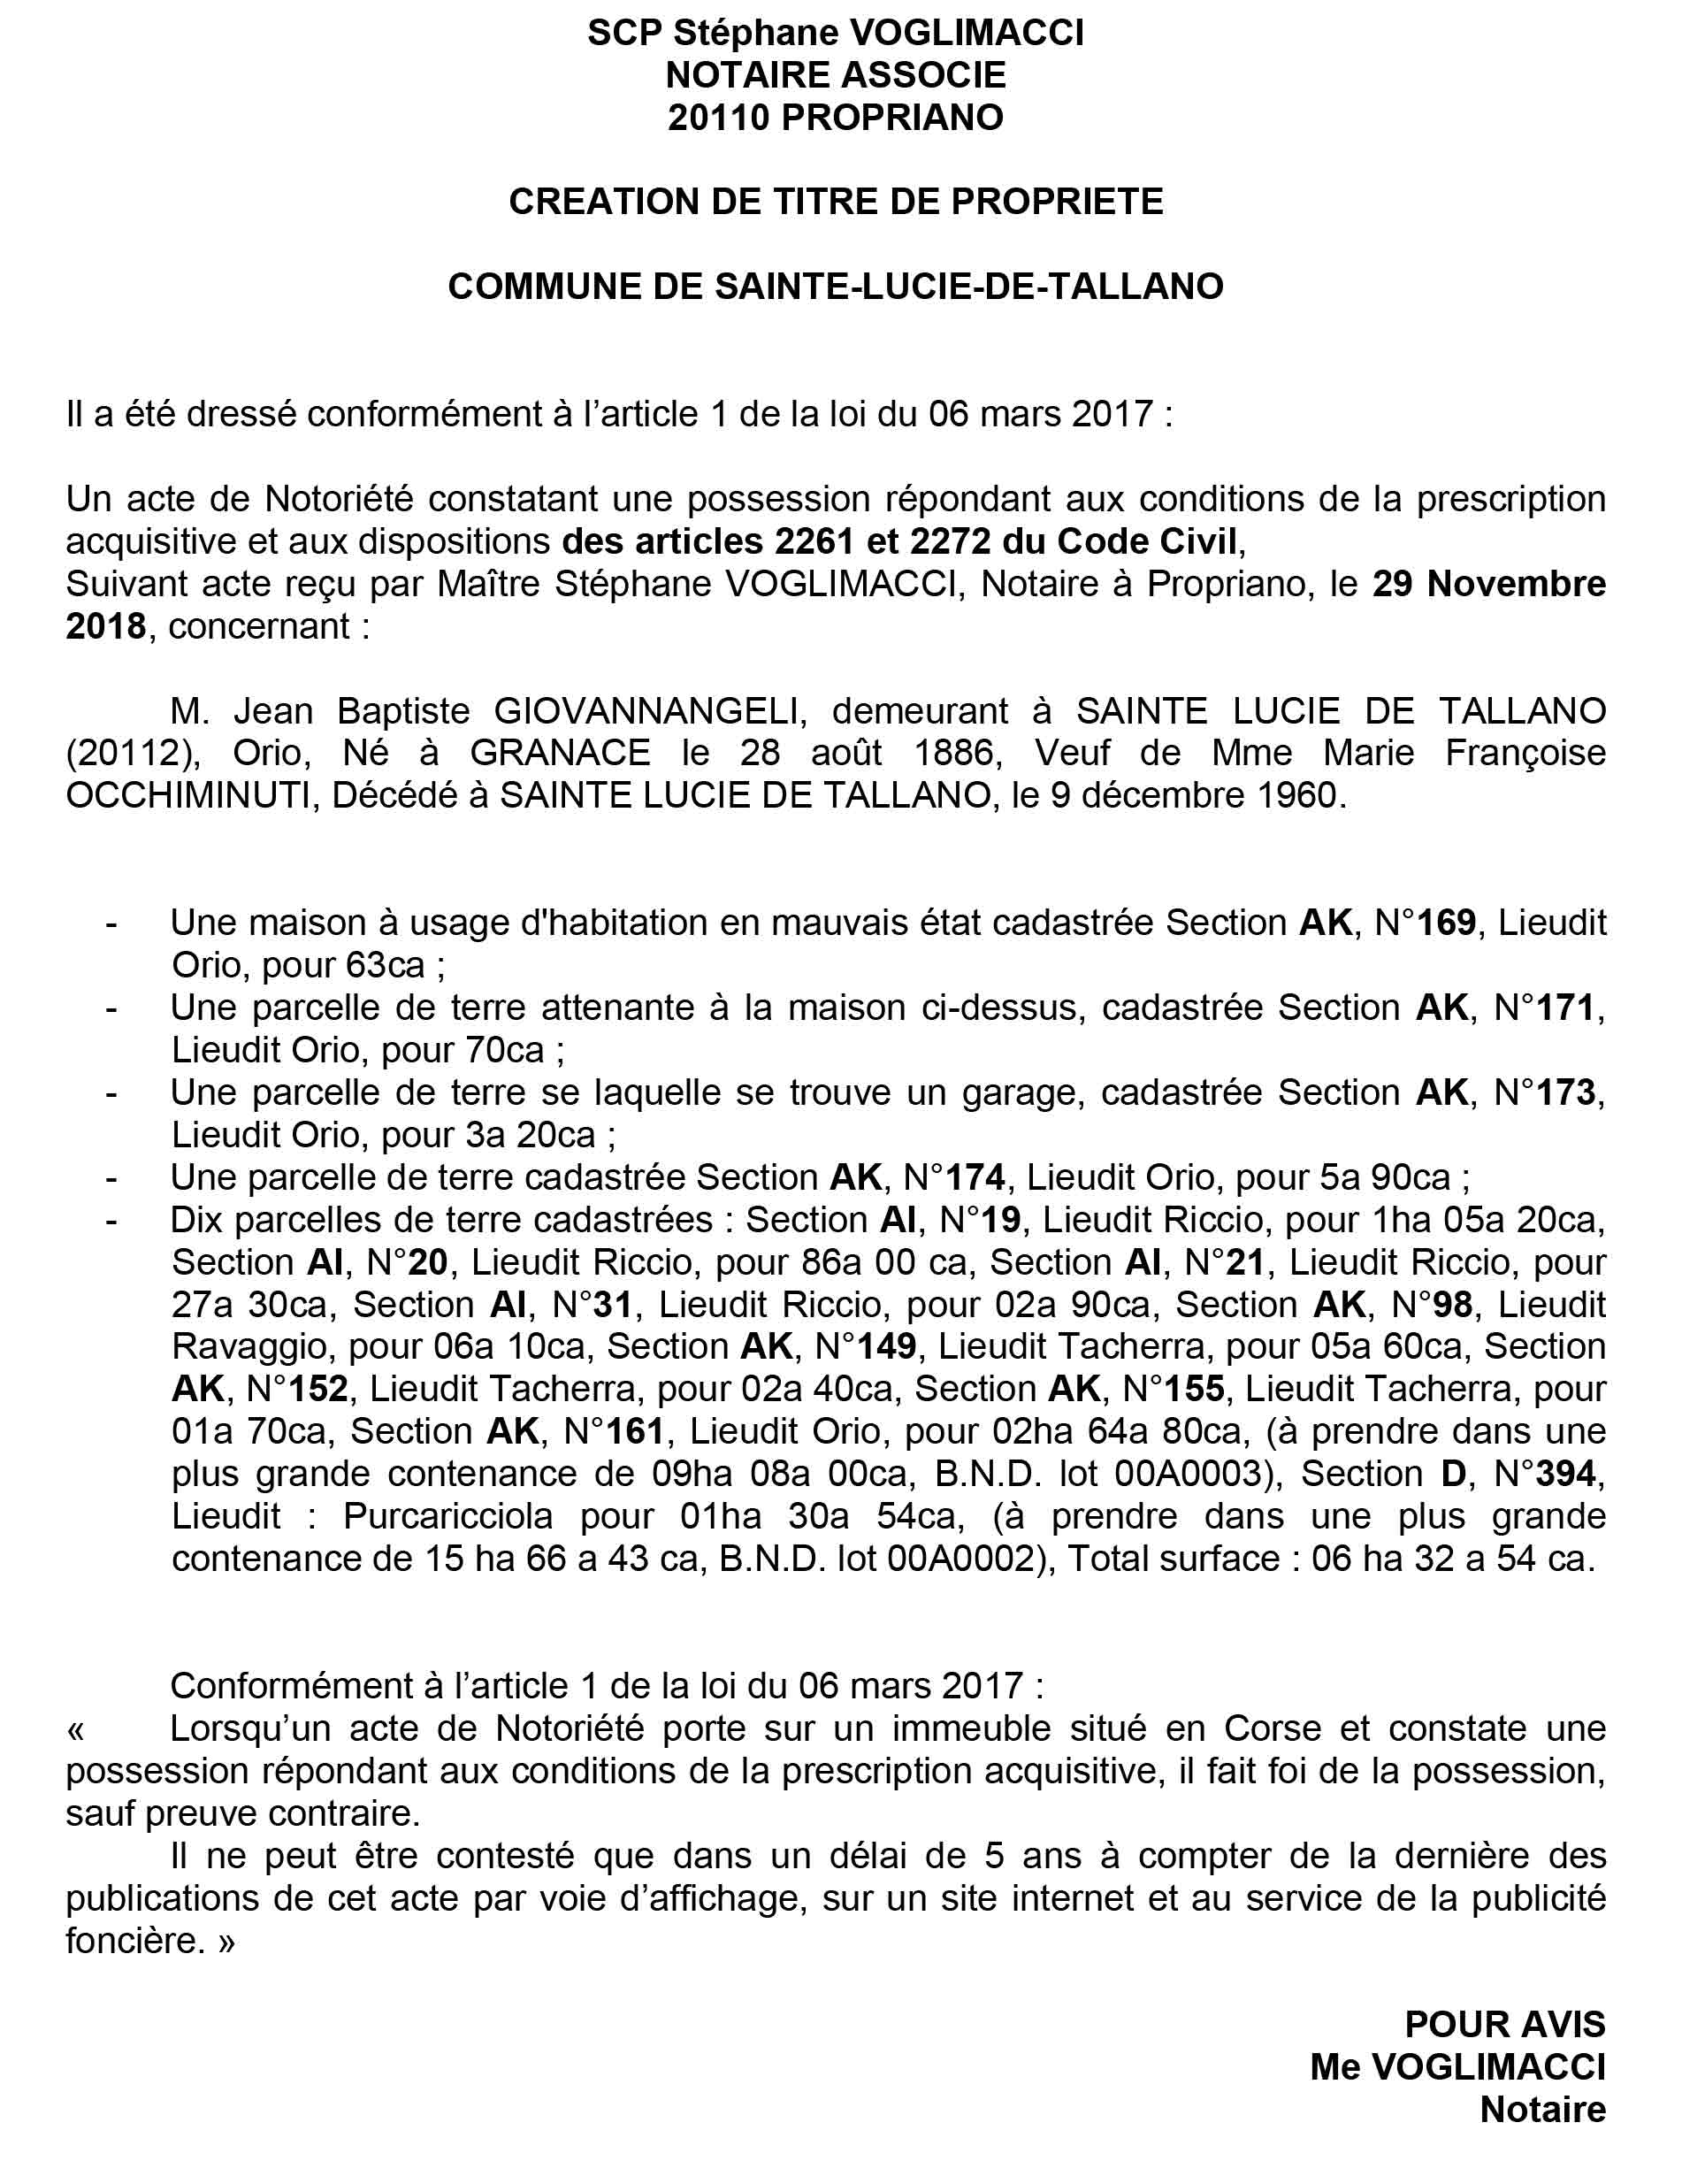 Avis de création de titre de propriété - commune de Sainte Lucie de Tallano (Corse du Sud)